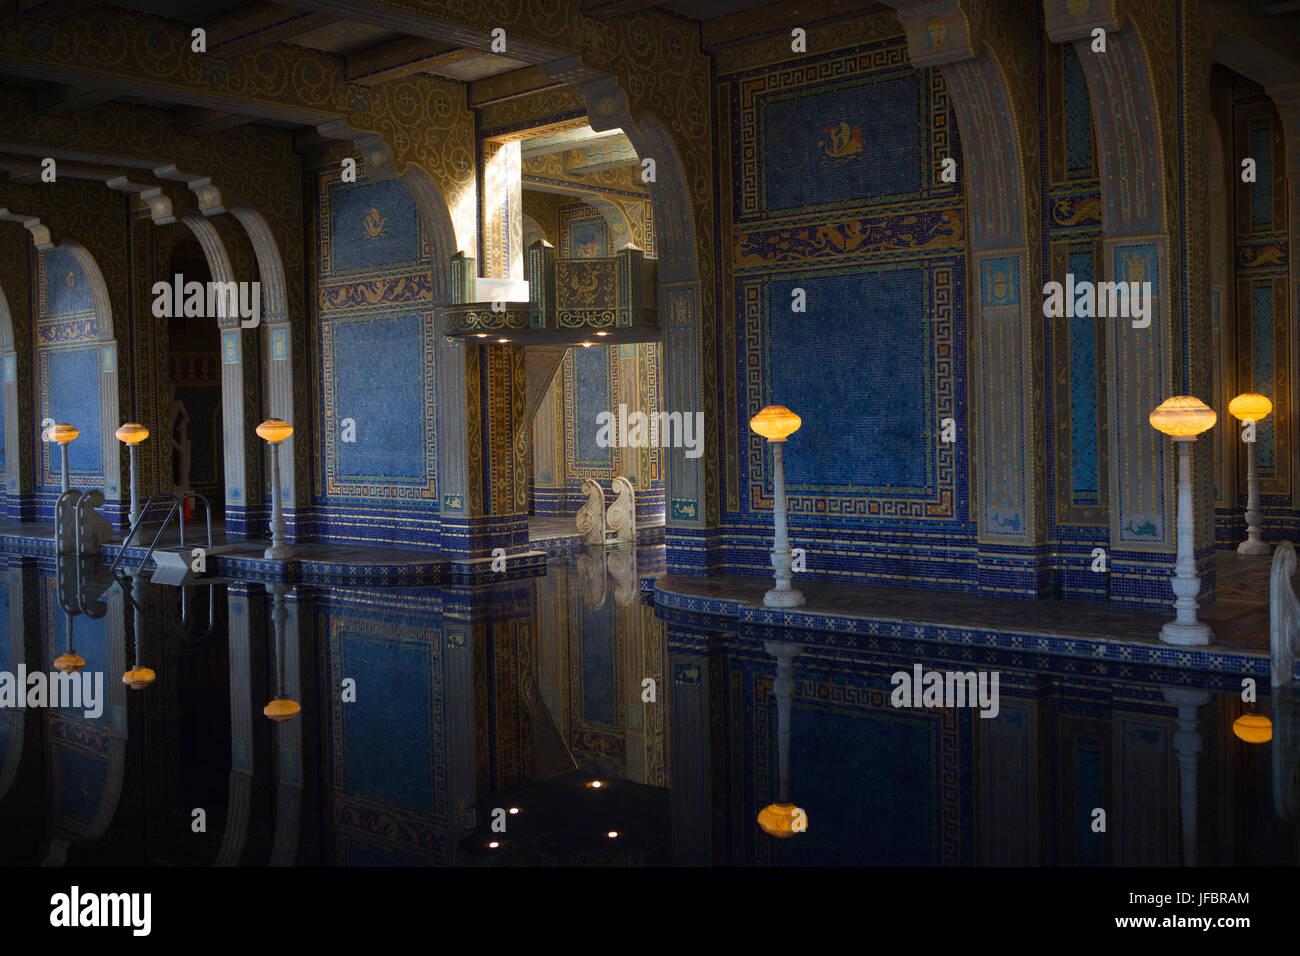 Die Römischen Pool an Hearst Castle, gestaltet nach einer antiken römischen Bad, Fliesen und Mosaik Muster in Blau Stockfoto